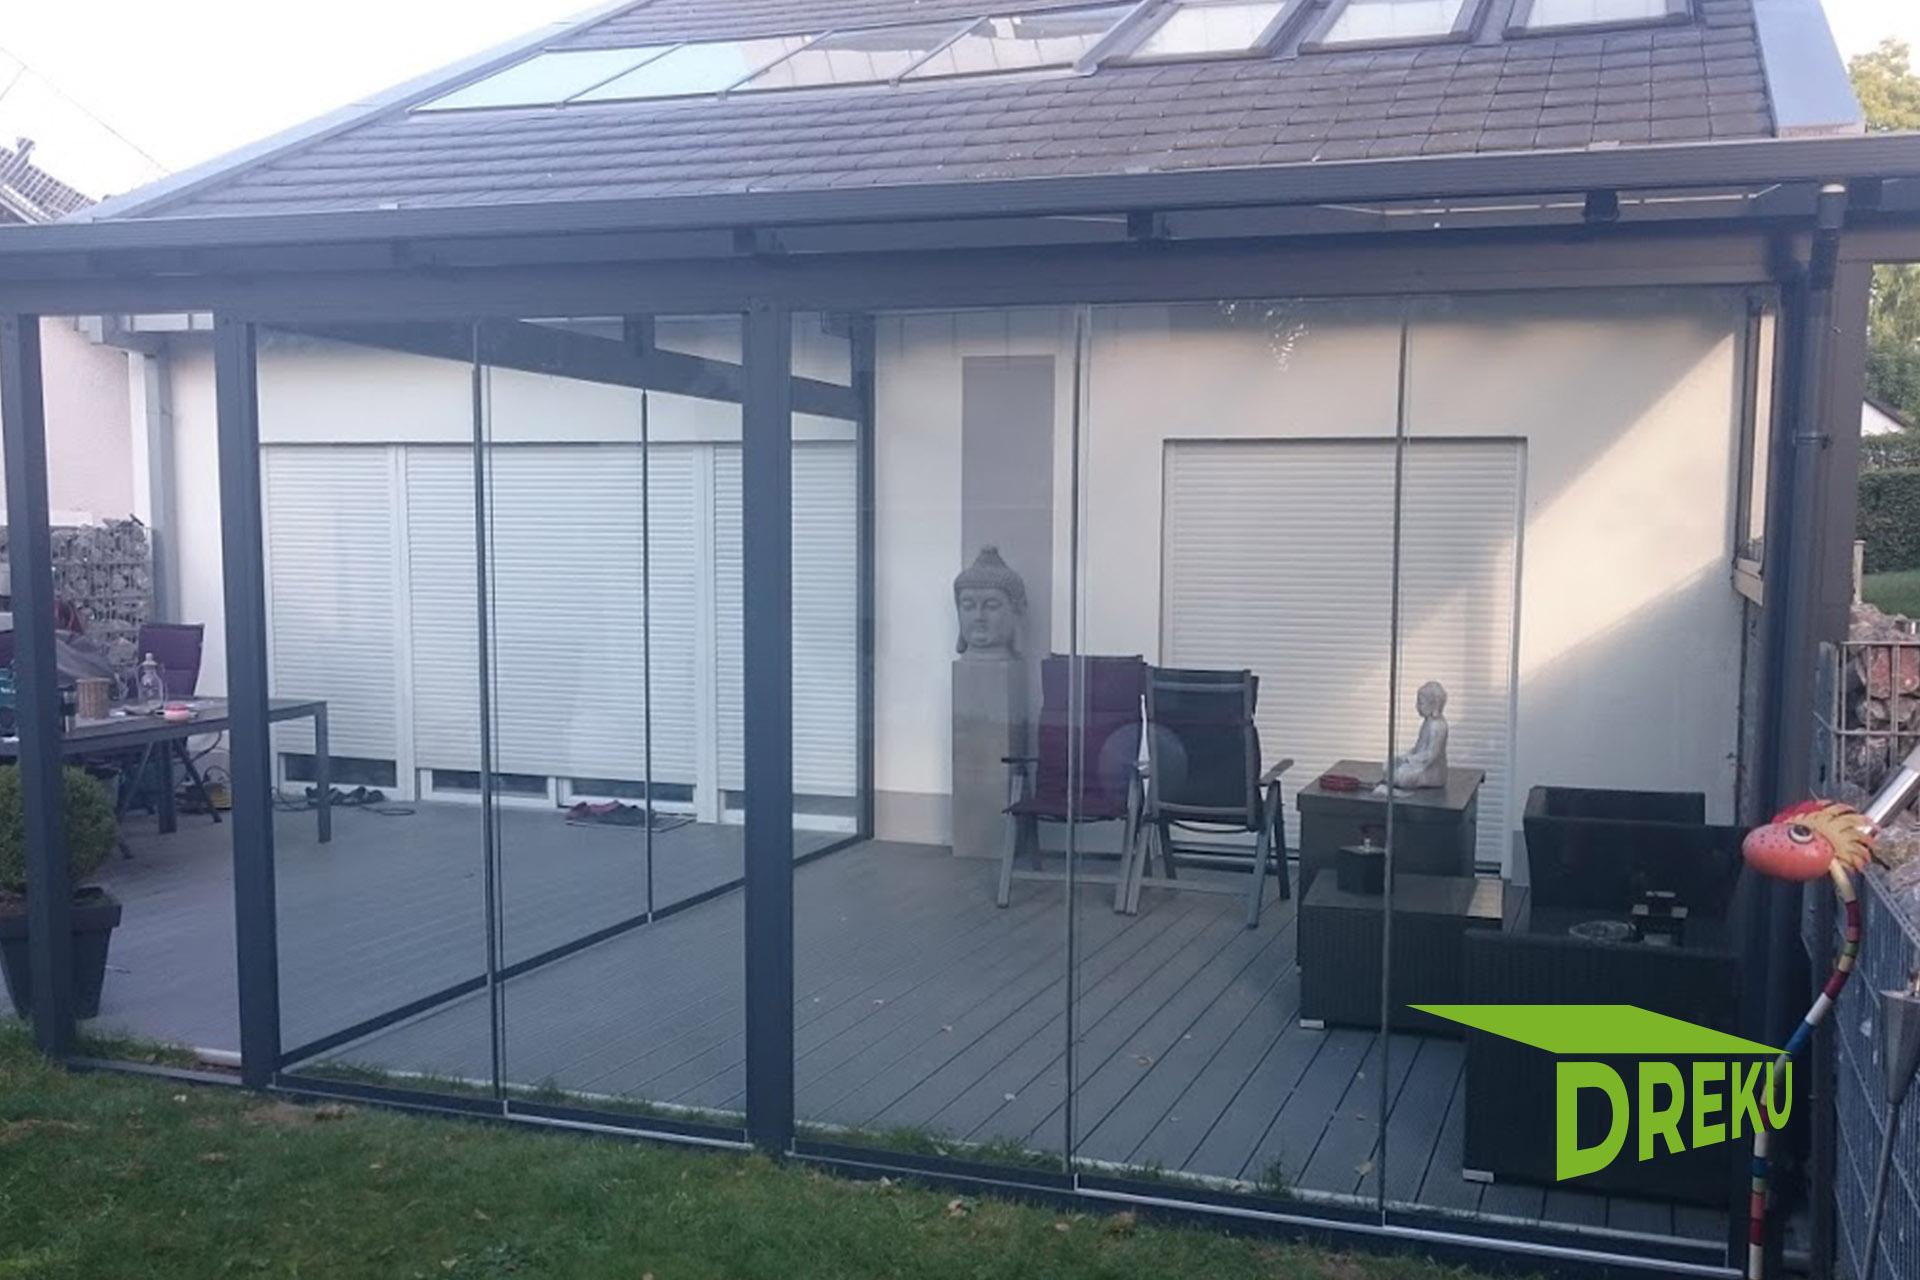 Glasschiebewand mit ESG Glas   DREKU GmbH   kunststoffhandel20.de